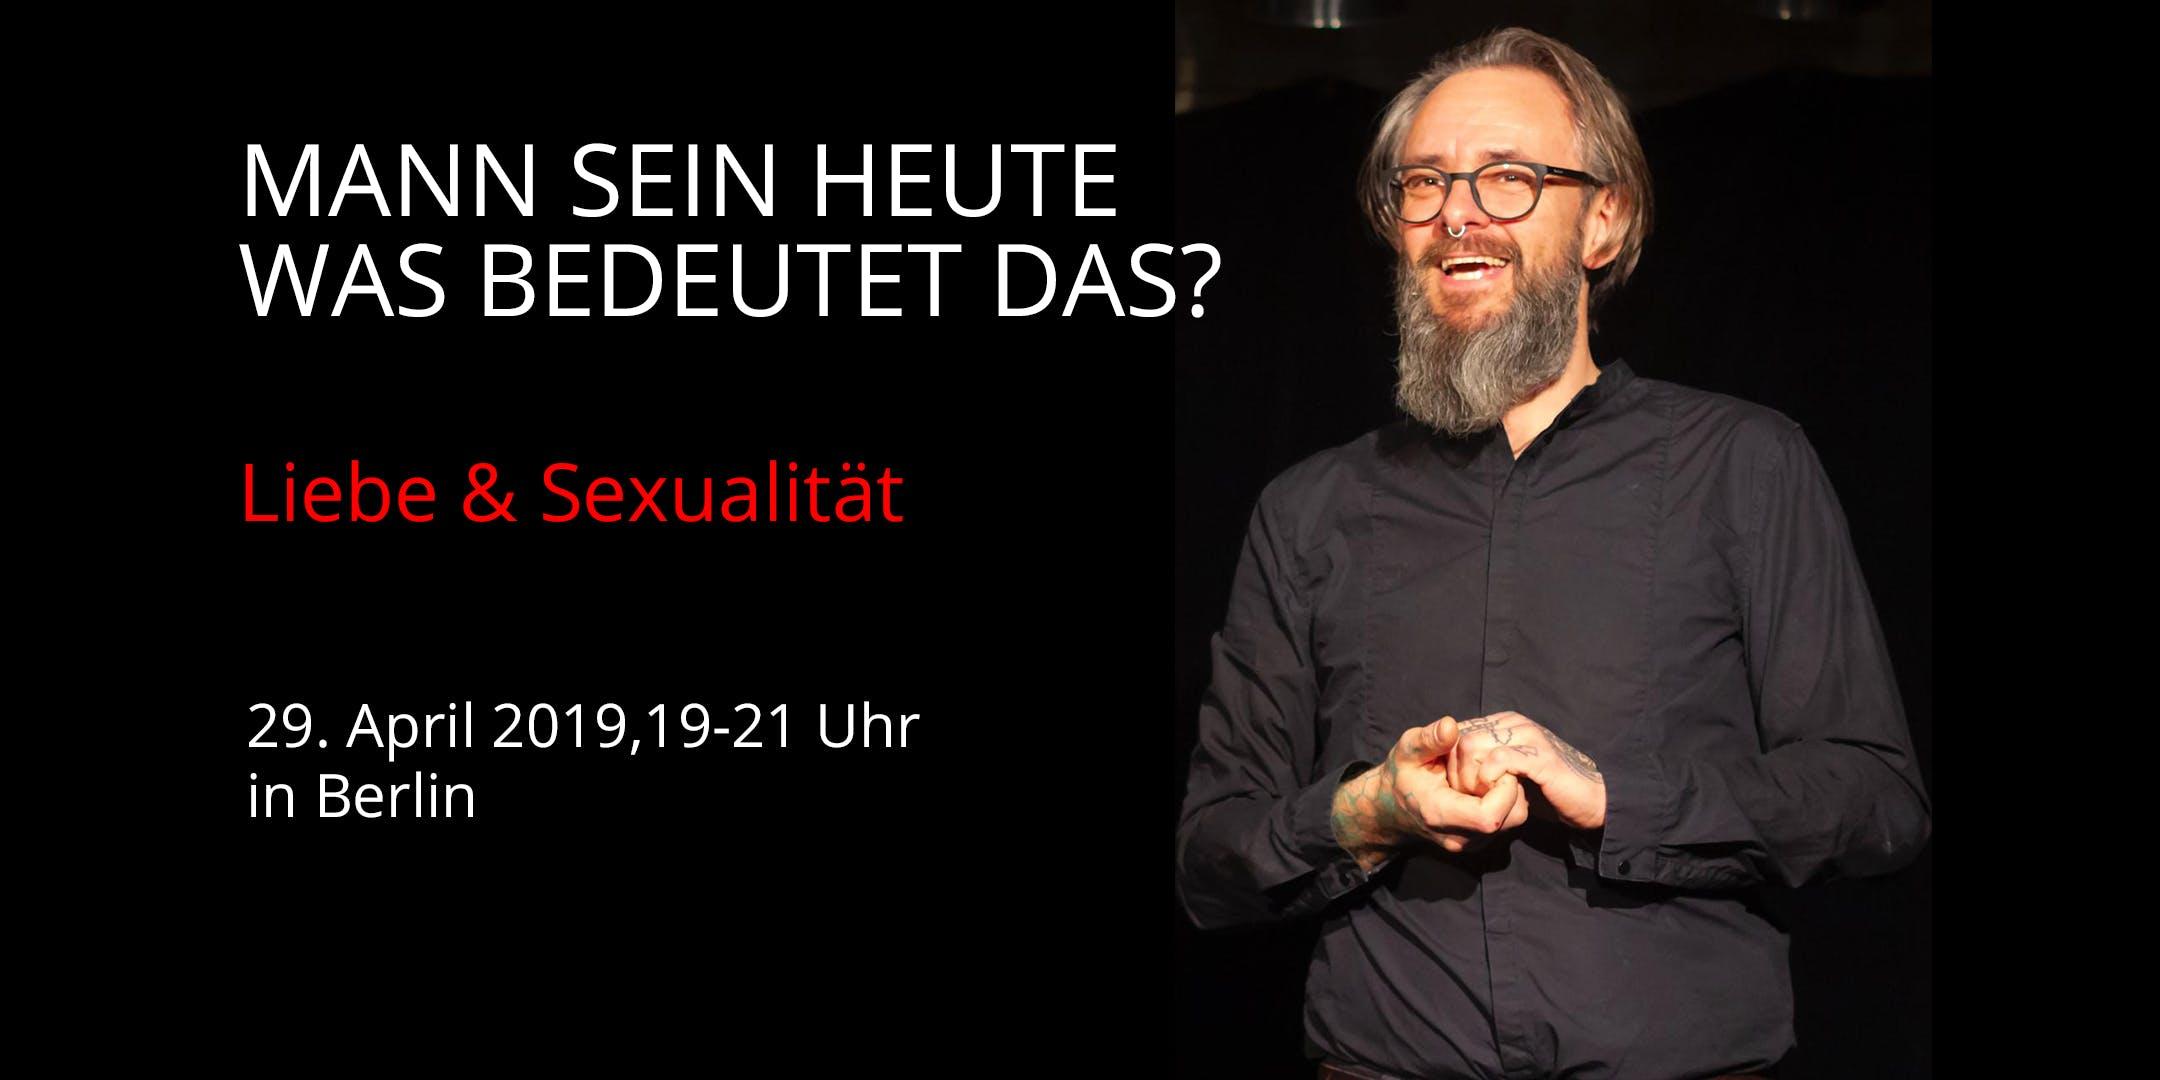 MANN SEIN HEUTE - Liebe & Sexualität